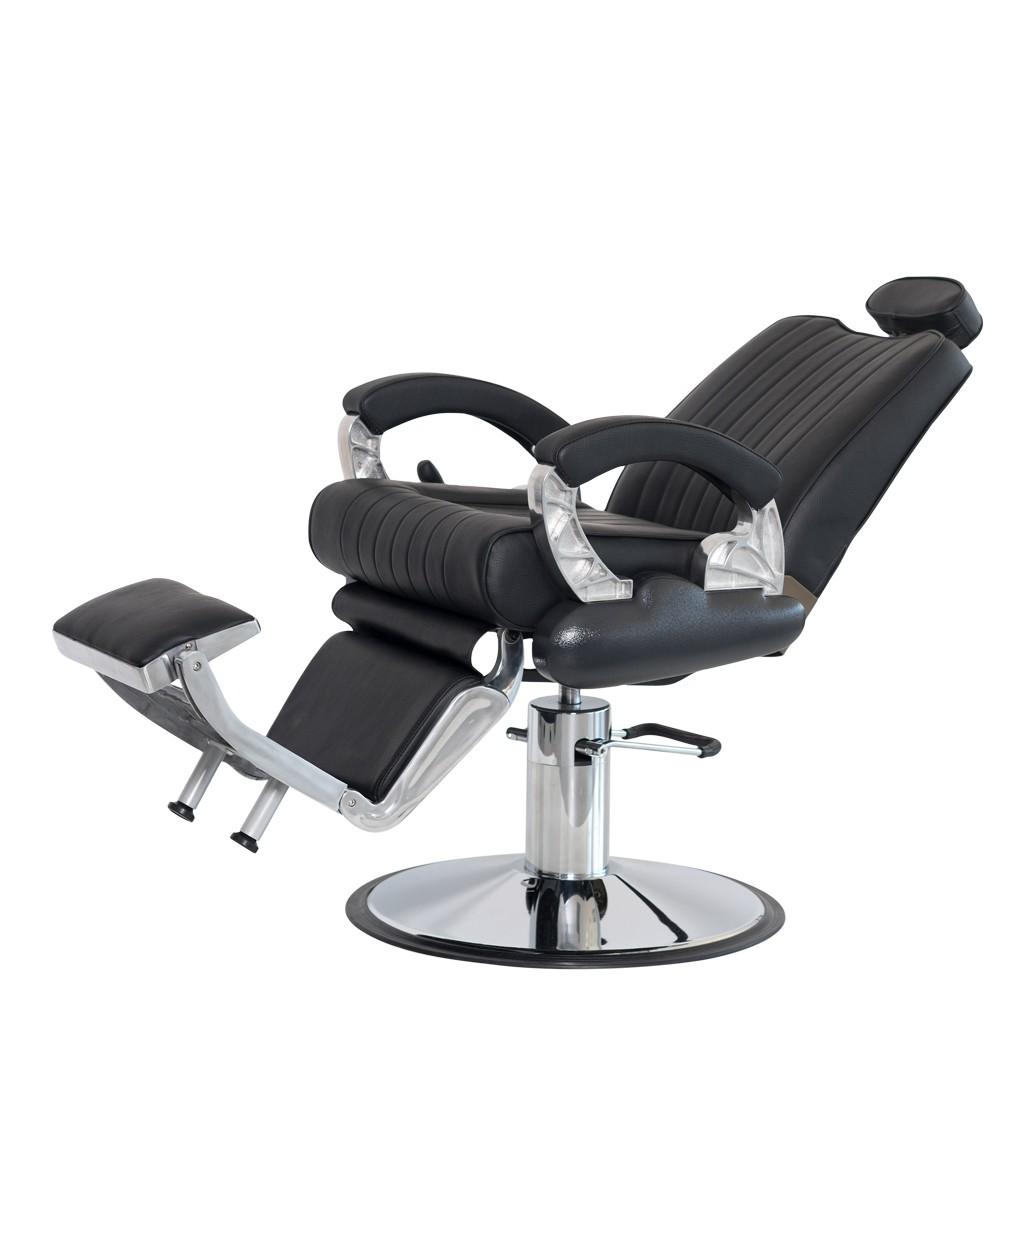 Apollo Professional Barber Chair